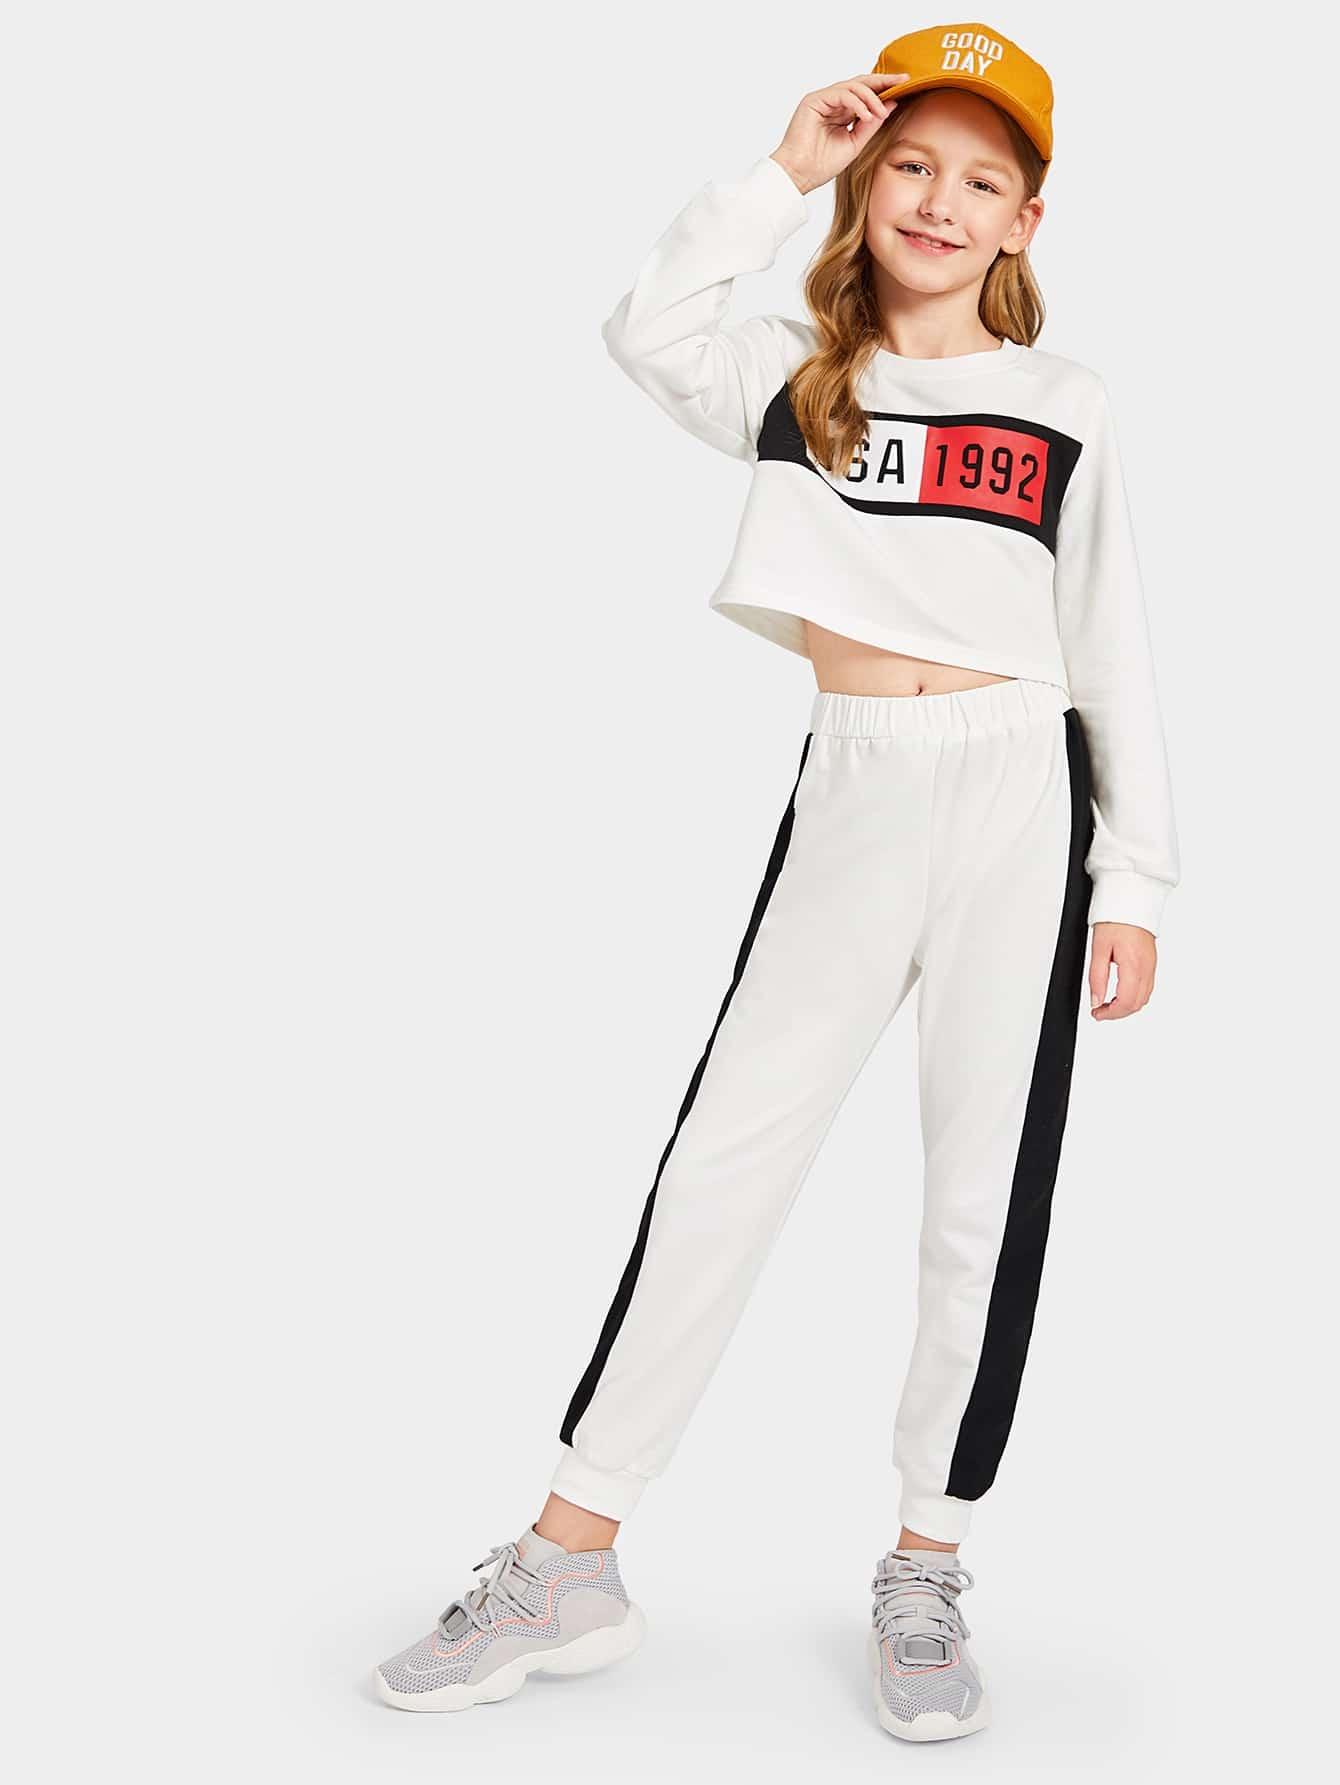 Купить Топ с текстовым принтом и спортивные брюки комплект для девочек, Dariab, SheIn